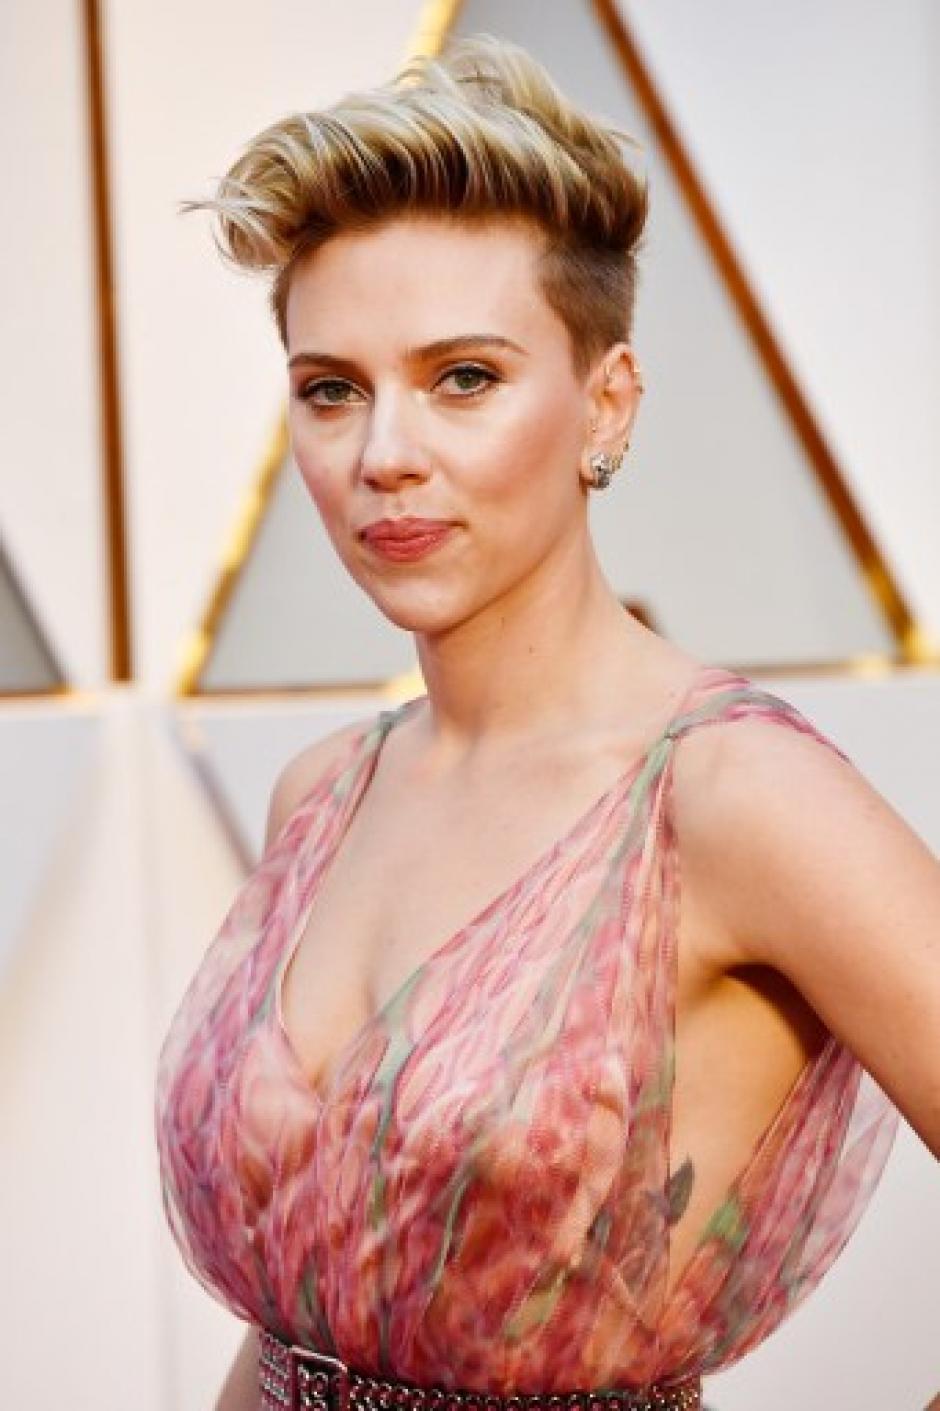 El pronunciado escote de Scarlett Johansson fue de los comentarios recurrentes. (Foto: Frazer Harrison/AFP)